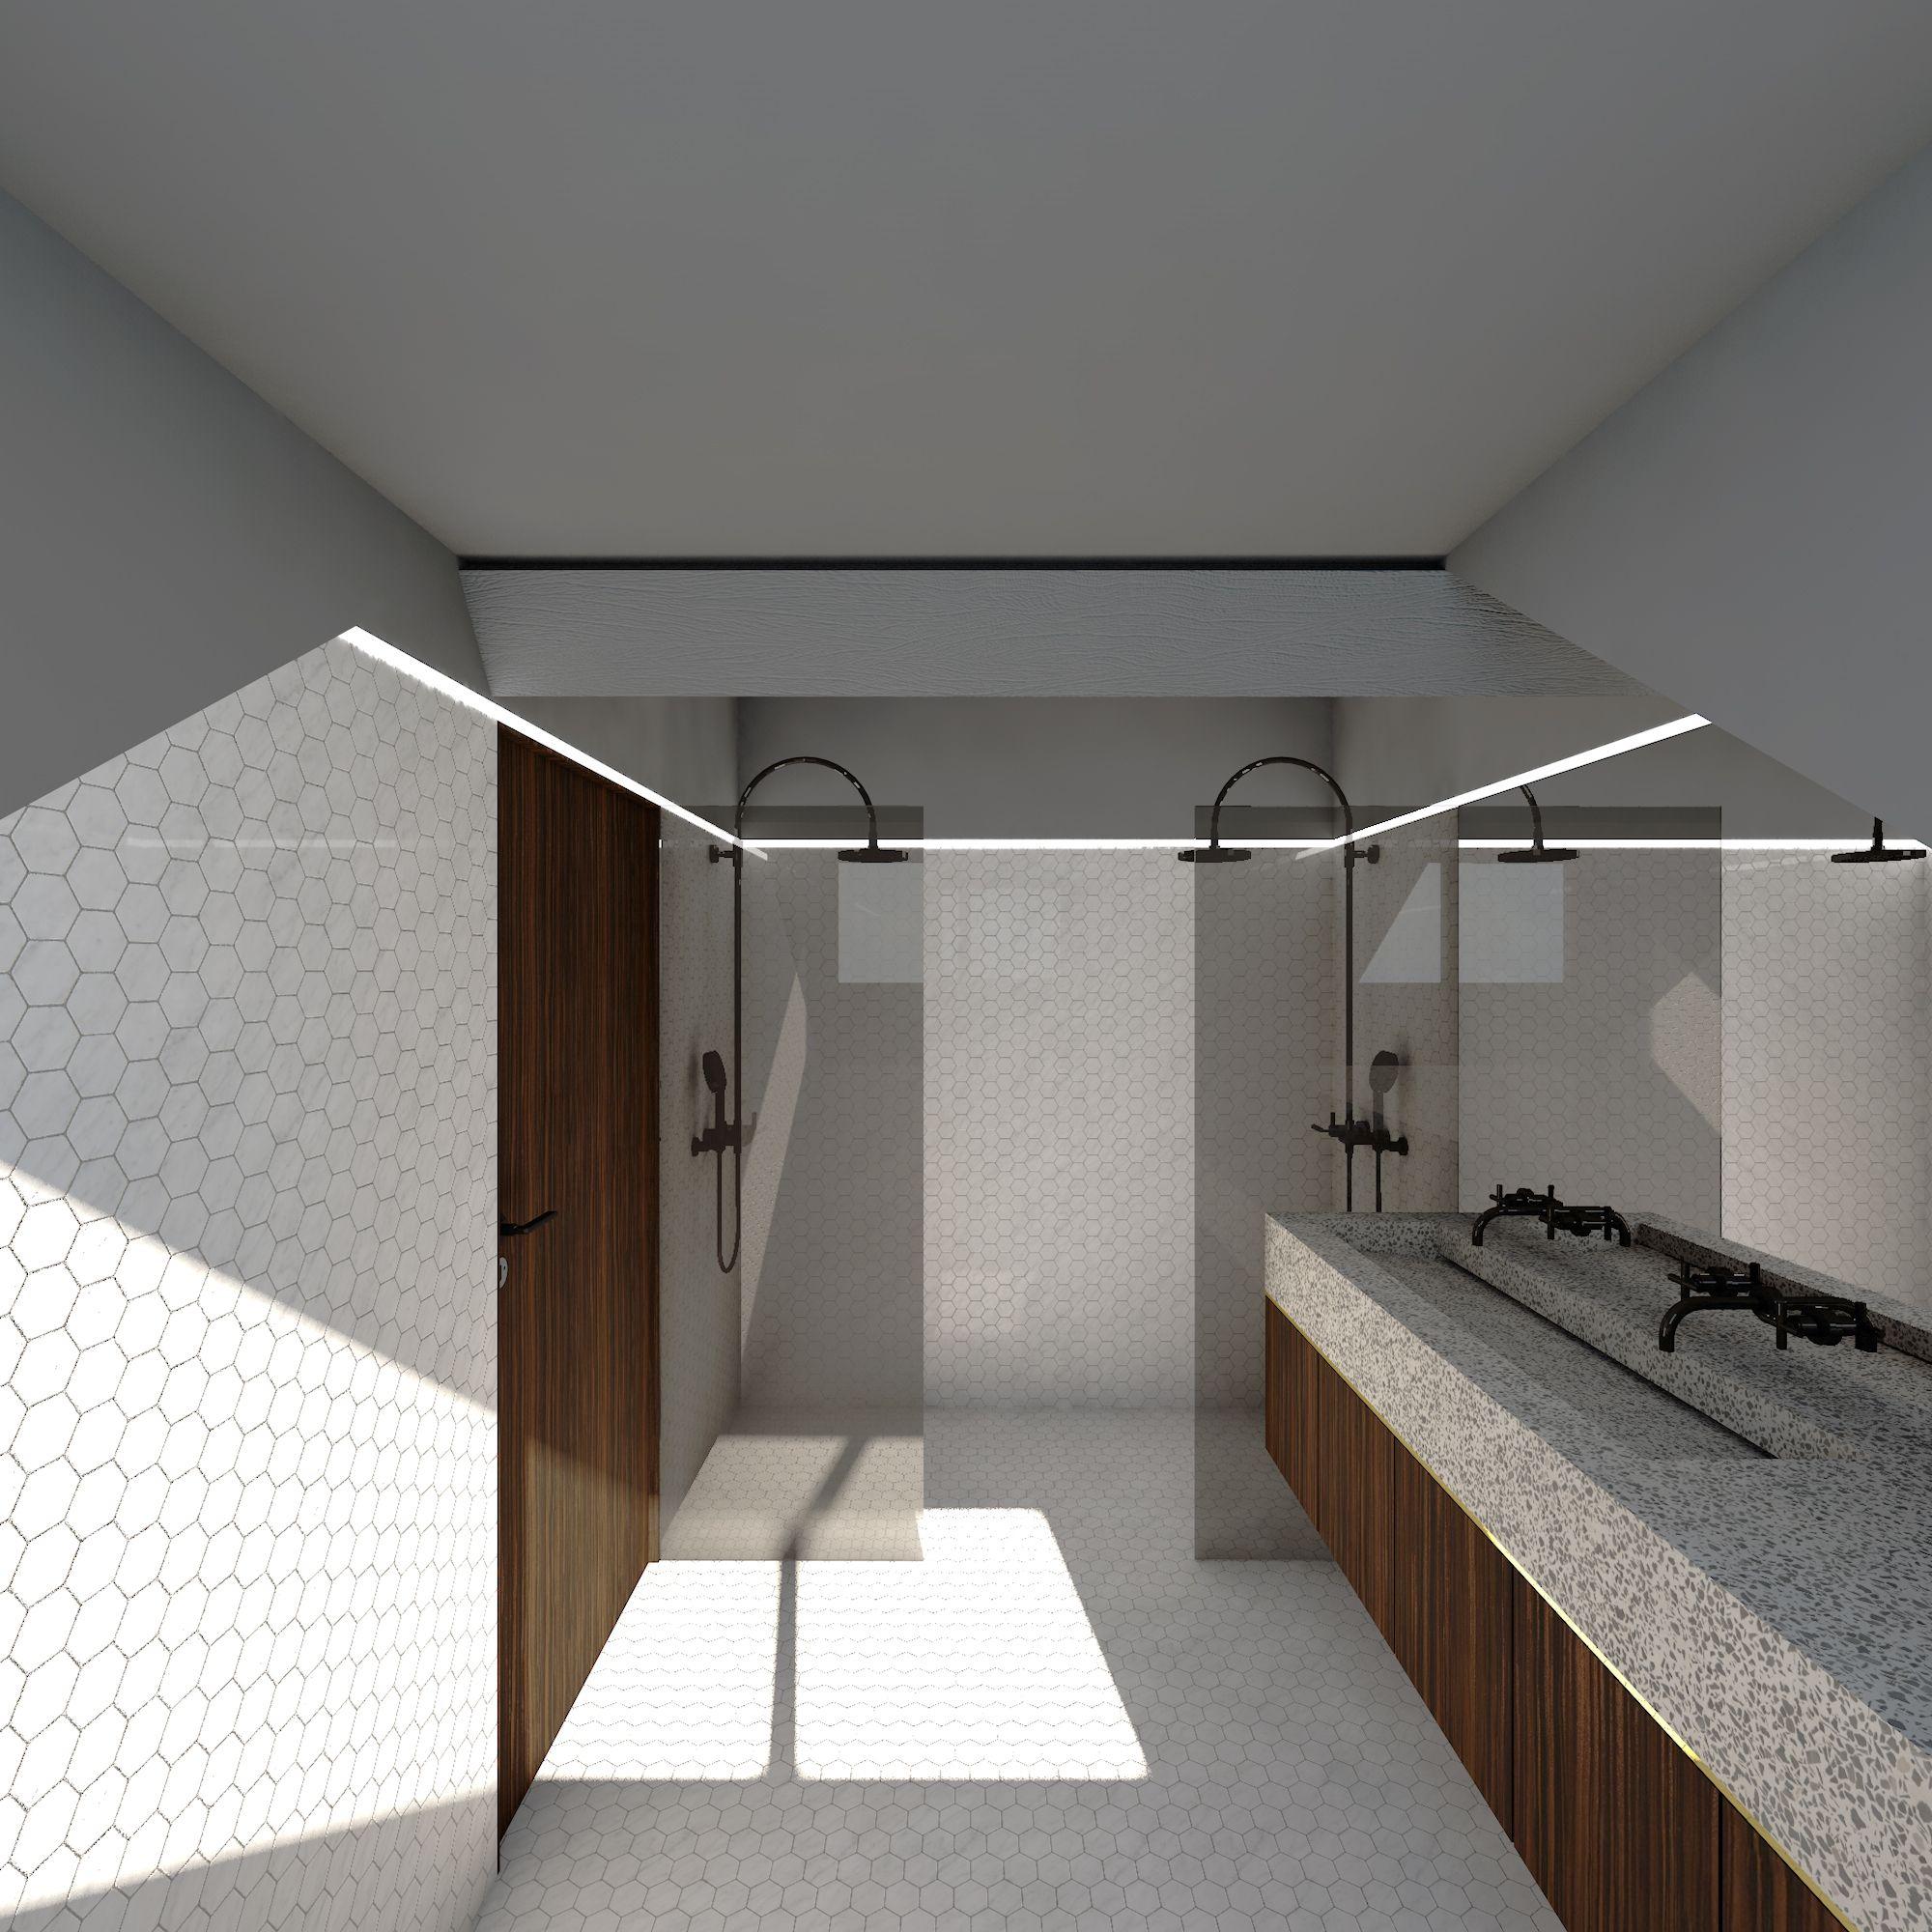 donker grijze badkamer met duo inloopdouche wit marmer hexagonale